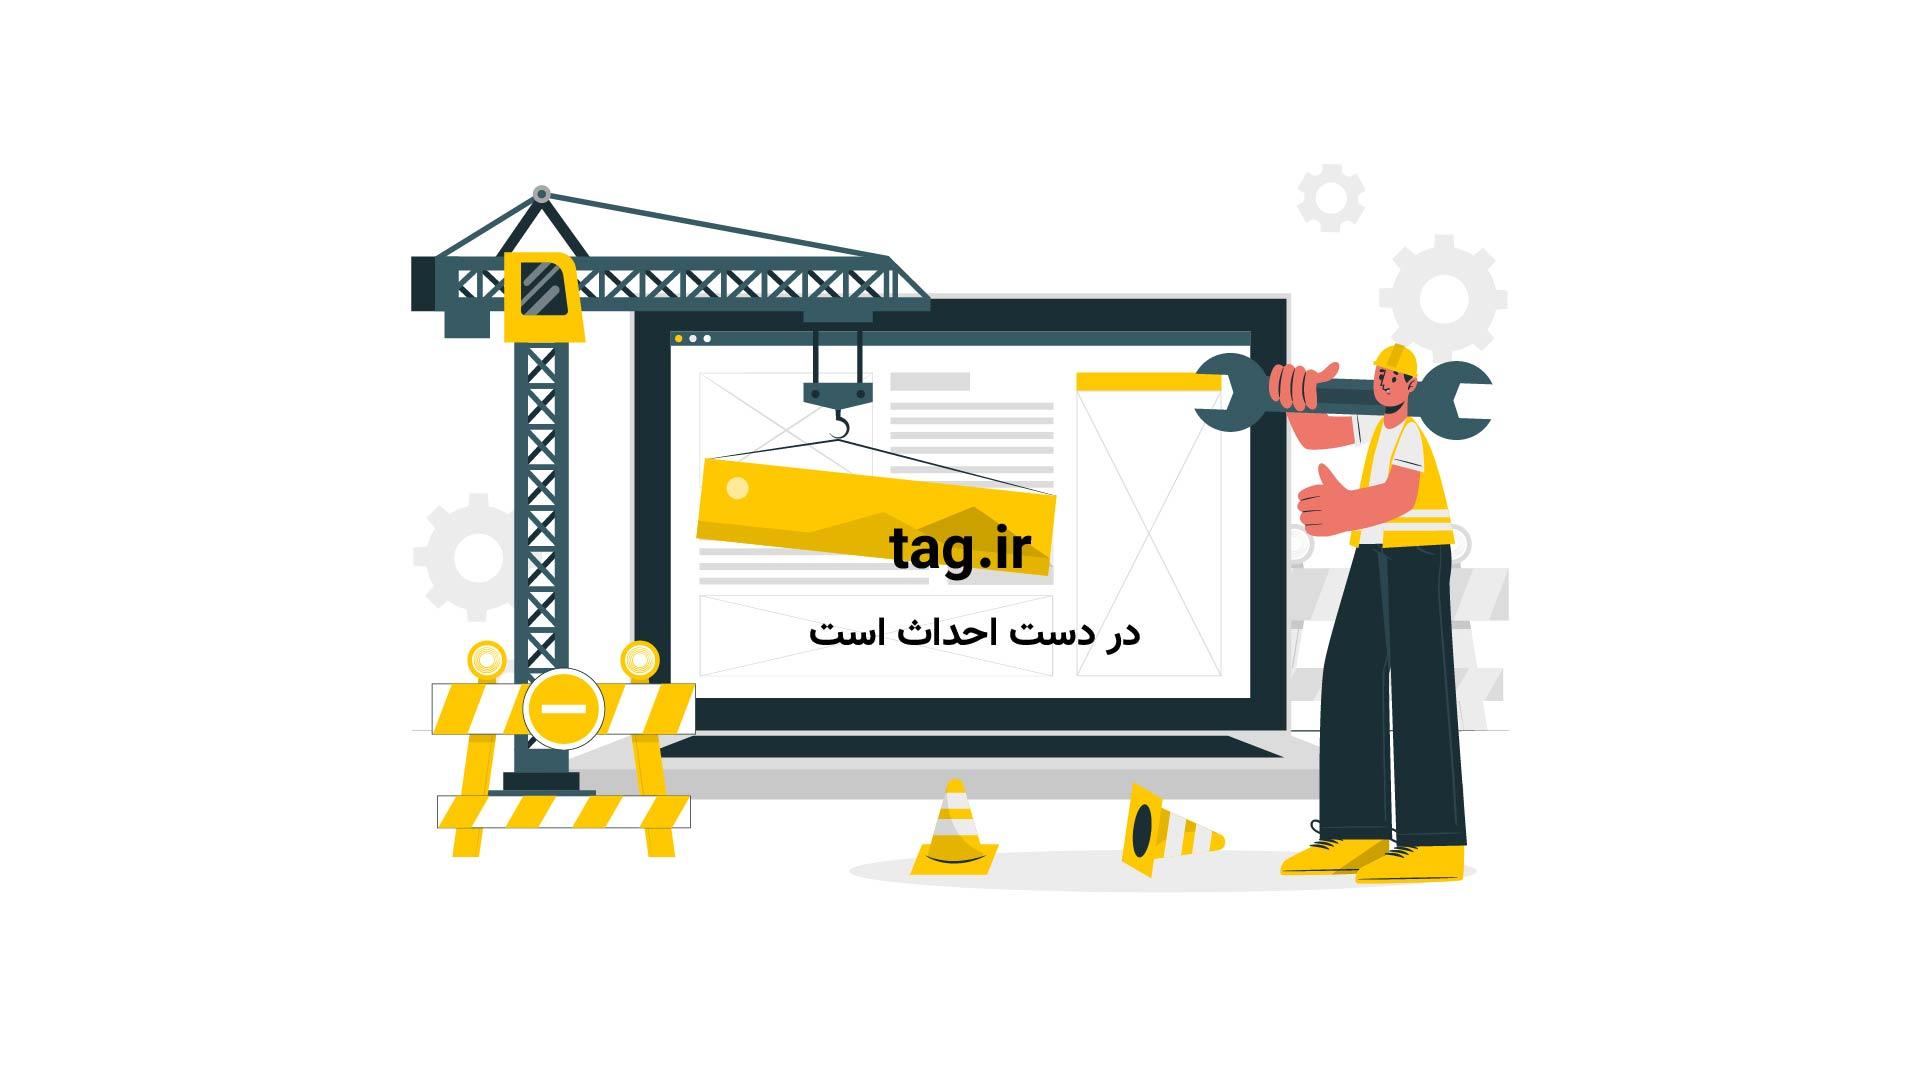 خودروی وطنی | تگ